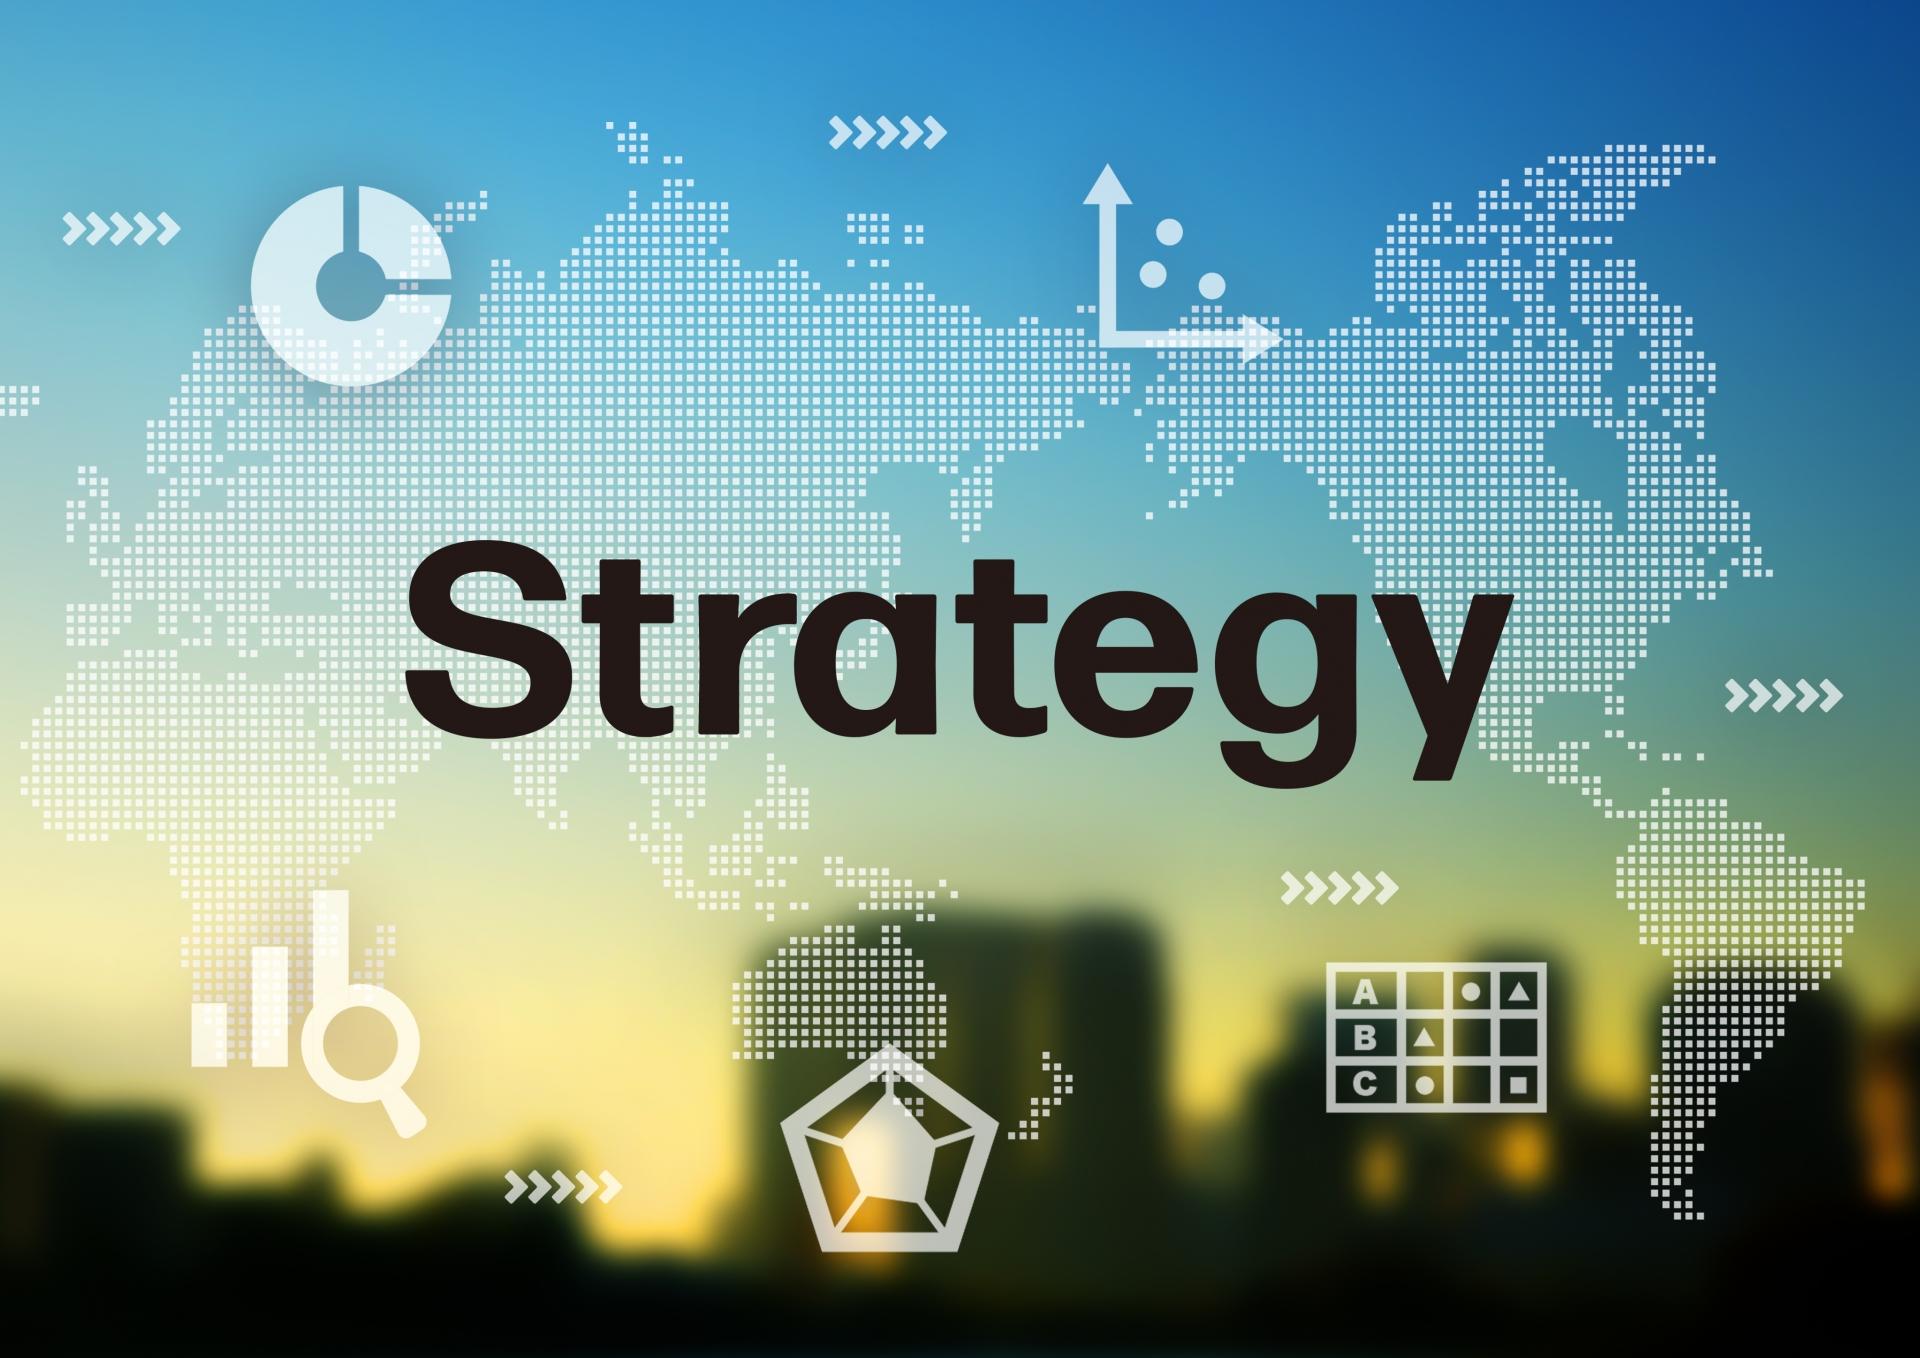 ブログのアクセス数を増やすにはどうする?BtoBの基本戦略を考察